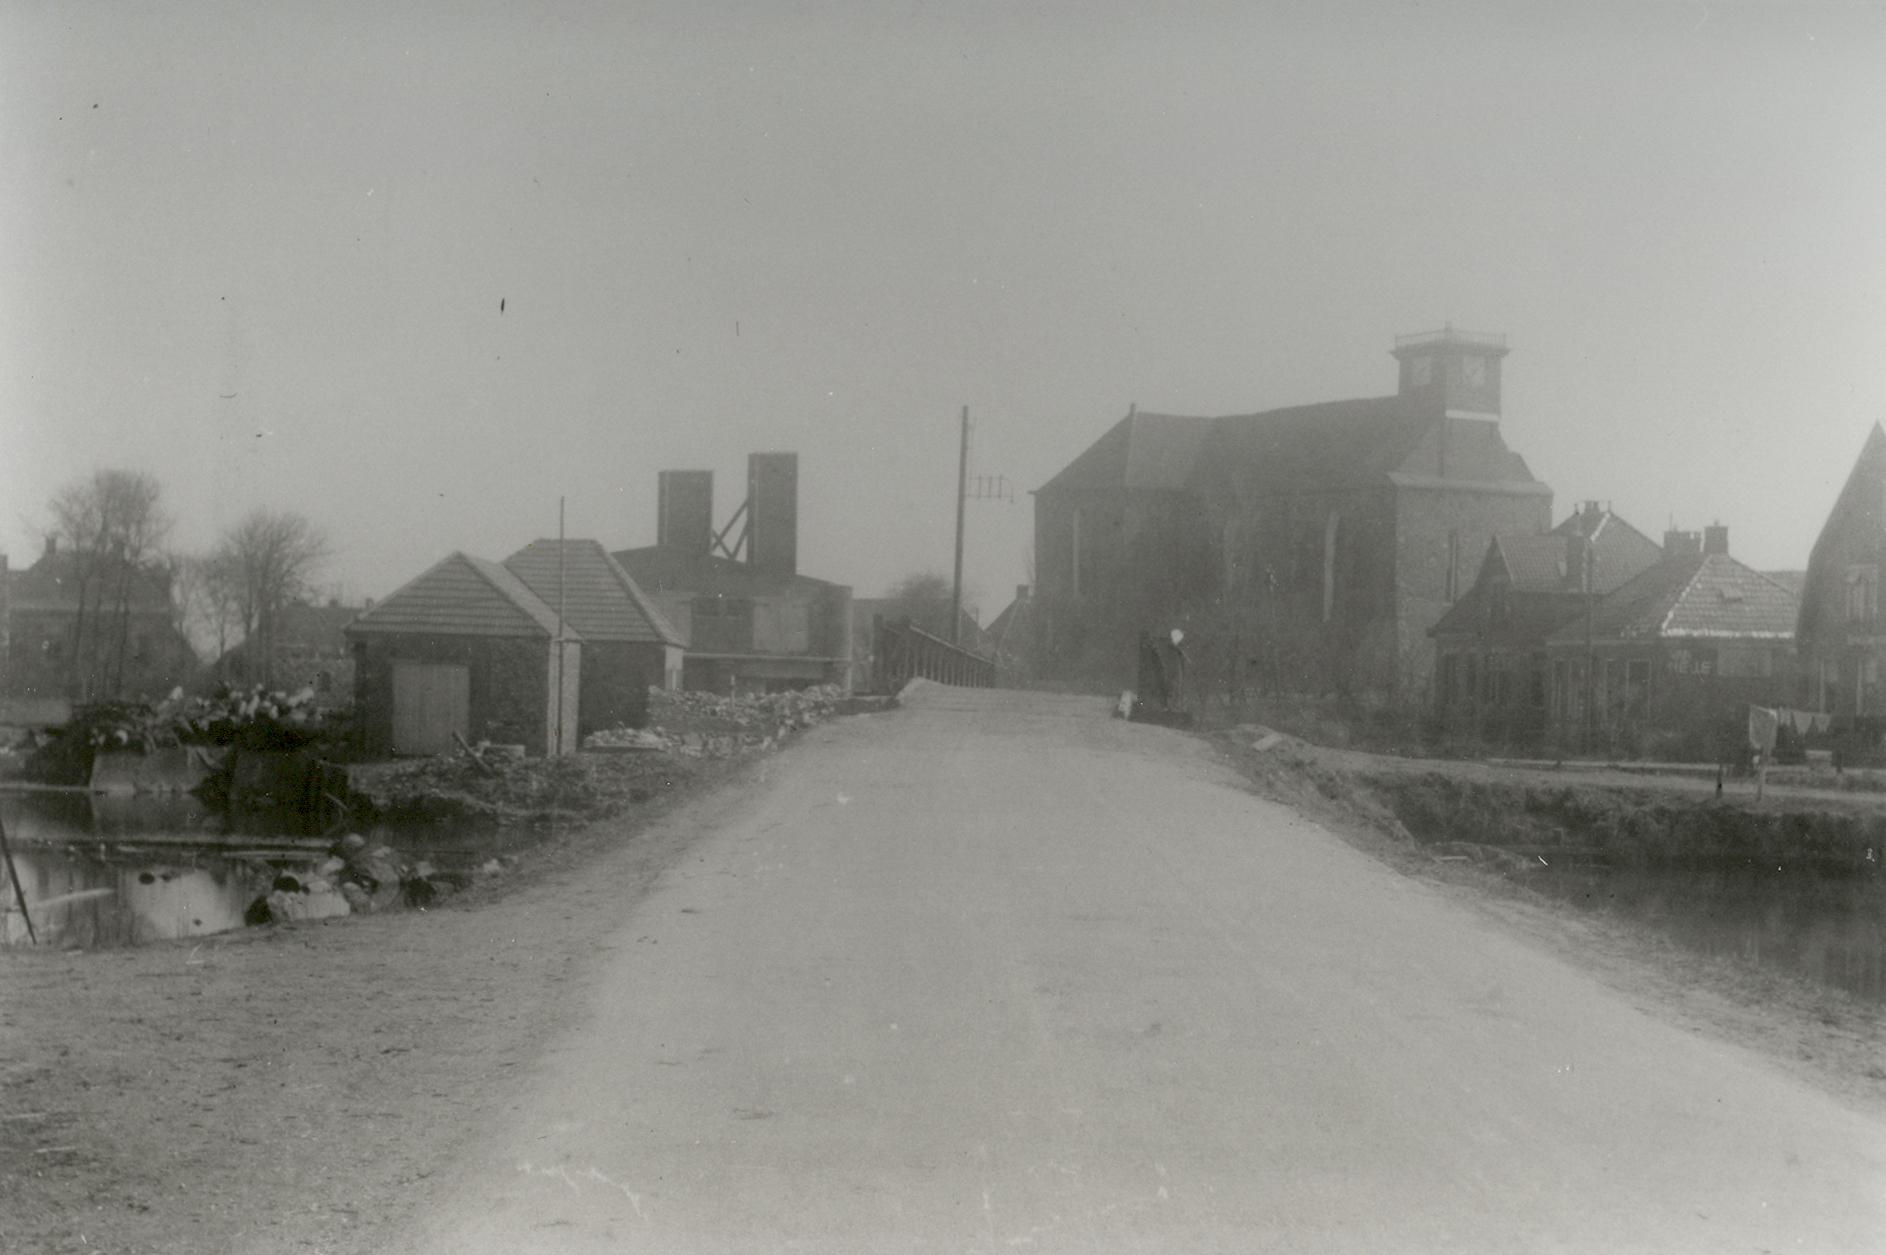 Baileybrug in Holwierde 1 - 1945